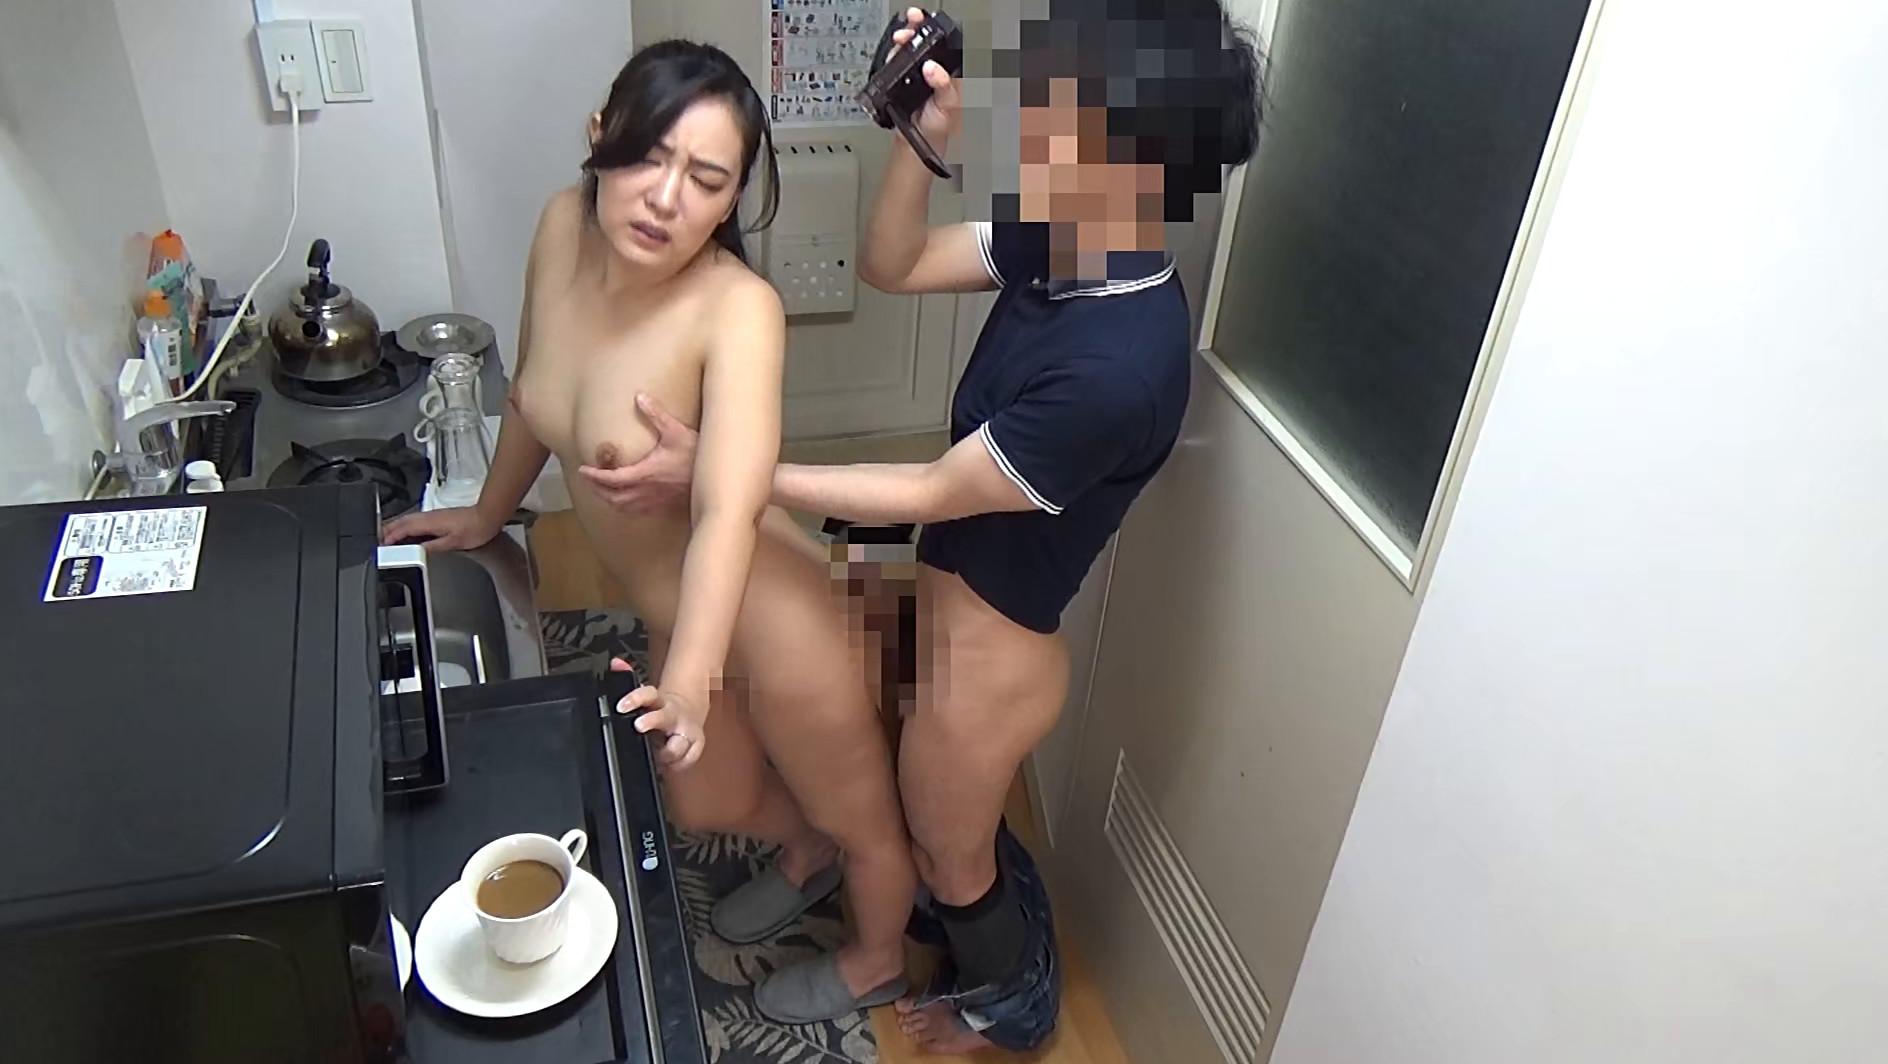 「おばさんレンタル」サービスリターンズ 04 お願いすればこっそり中出しセックスまでさせてくれるエロくて優しいおばさんともっとすげーセックスがしたくなったのでおかわりしてみた 画像21